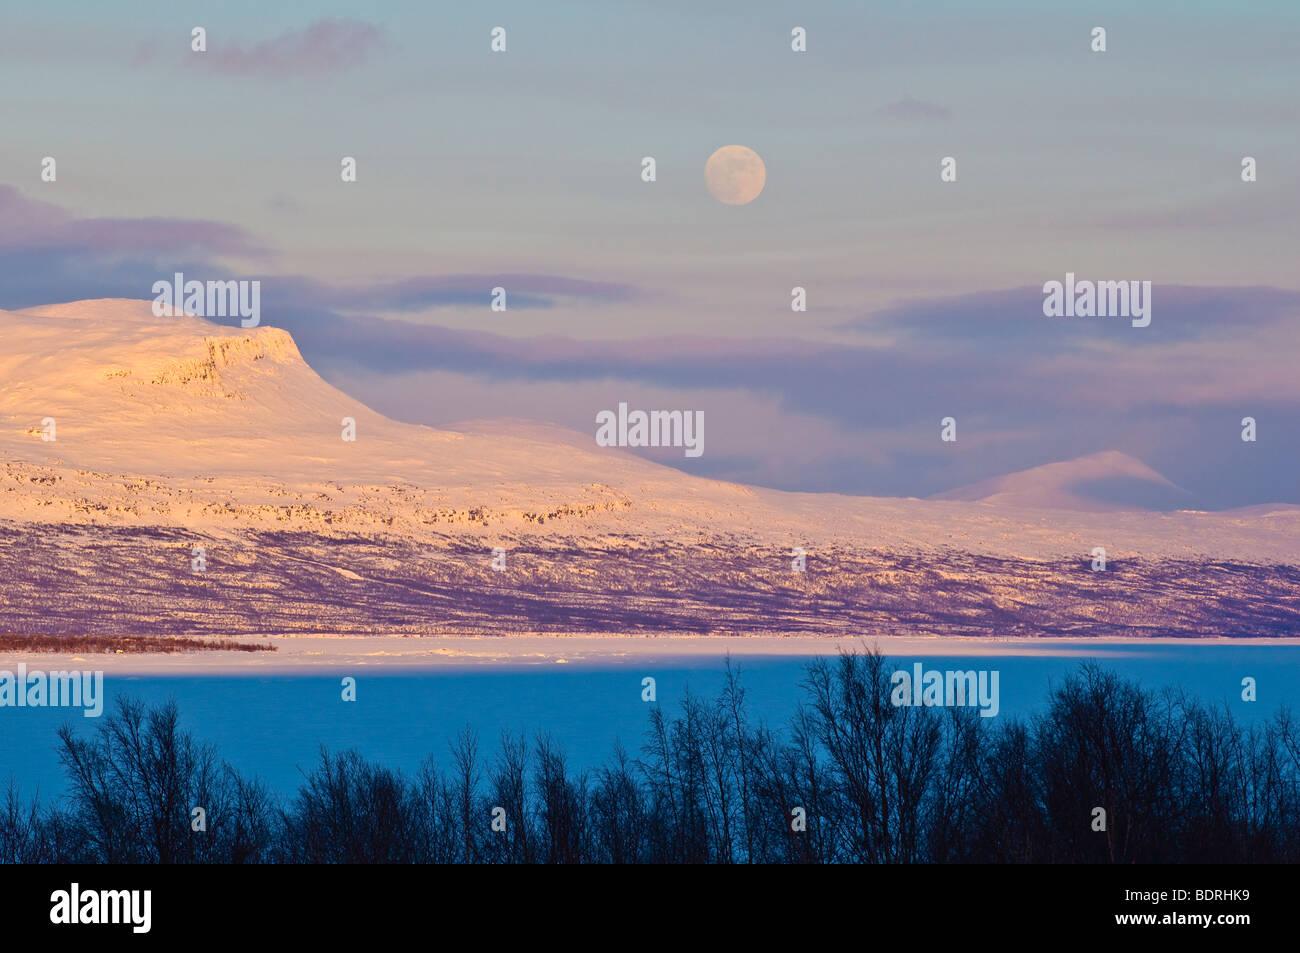 abendstimmung, stora sjoefallet national park, norrbotten, lappland, schweden, evening mood, lapland, sweden Stock Photo